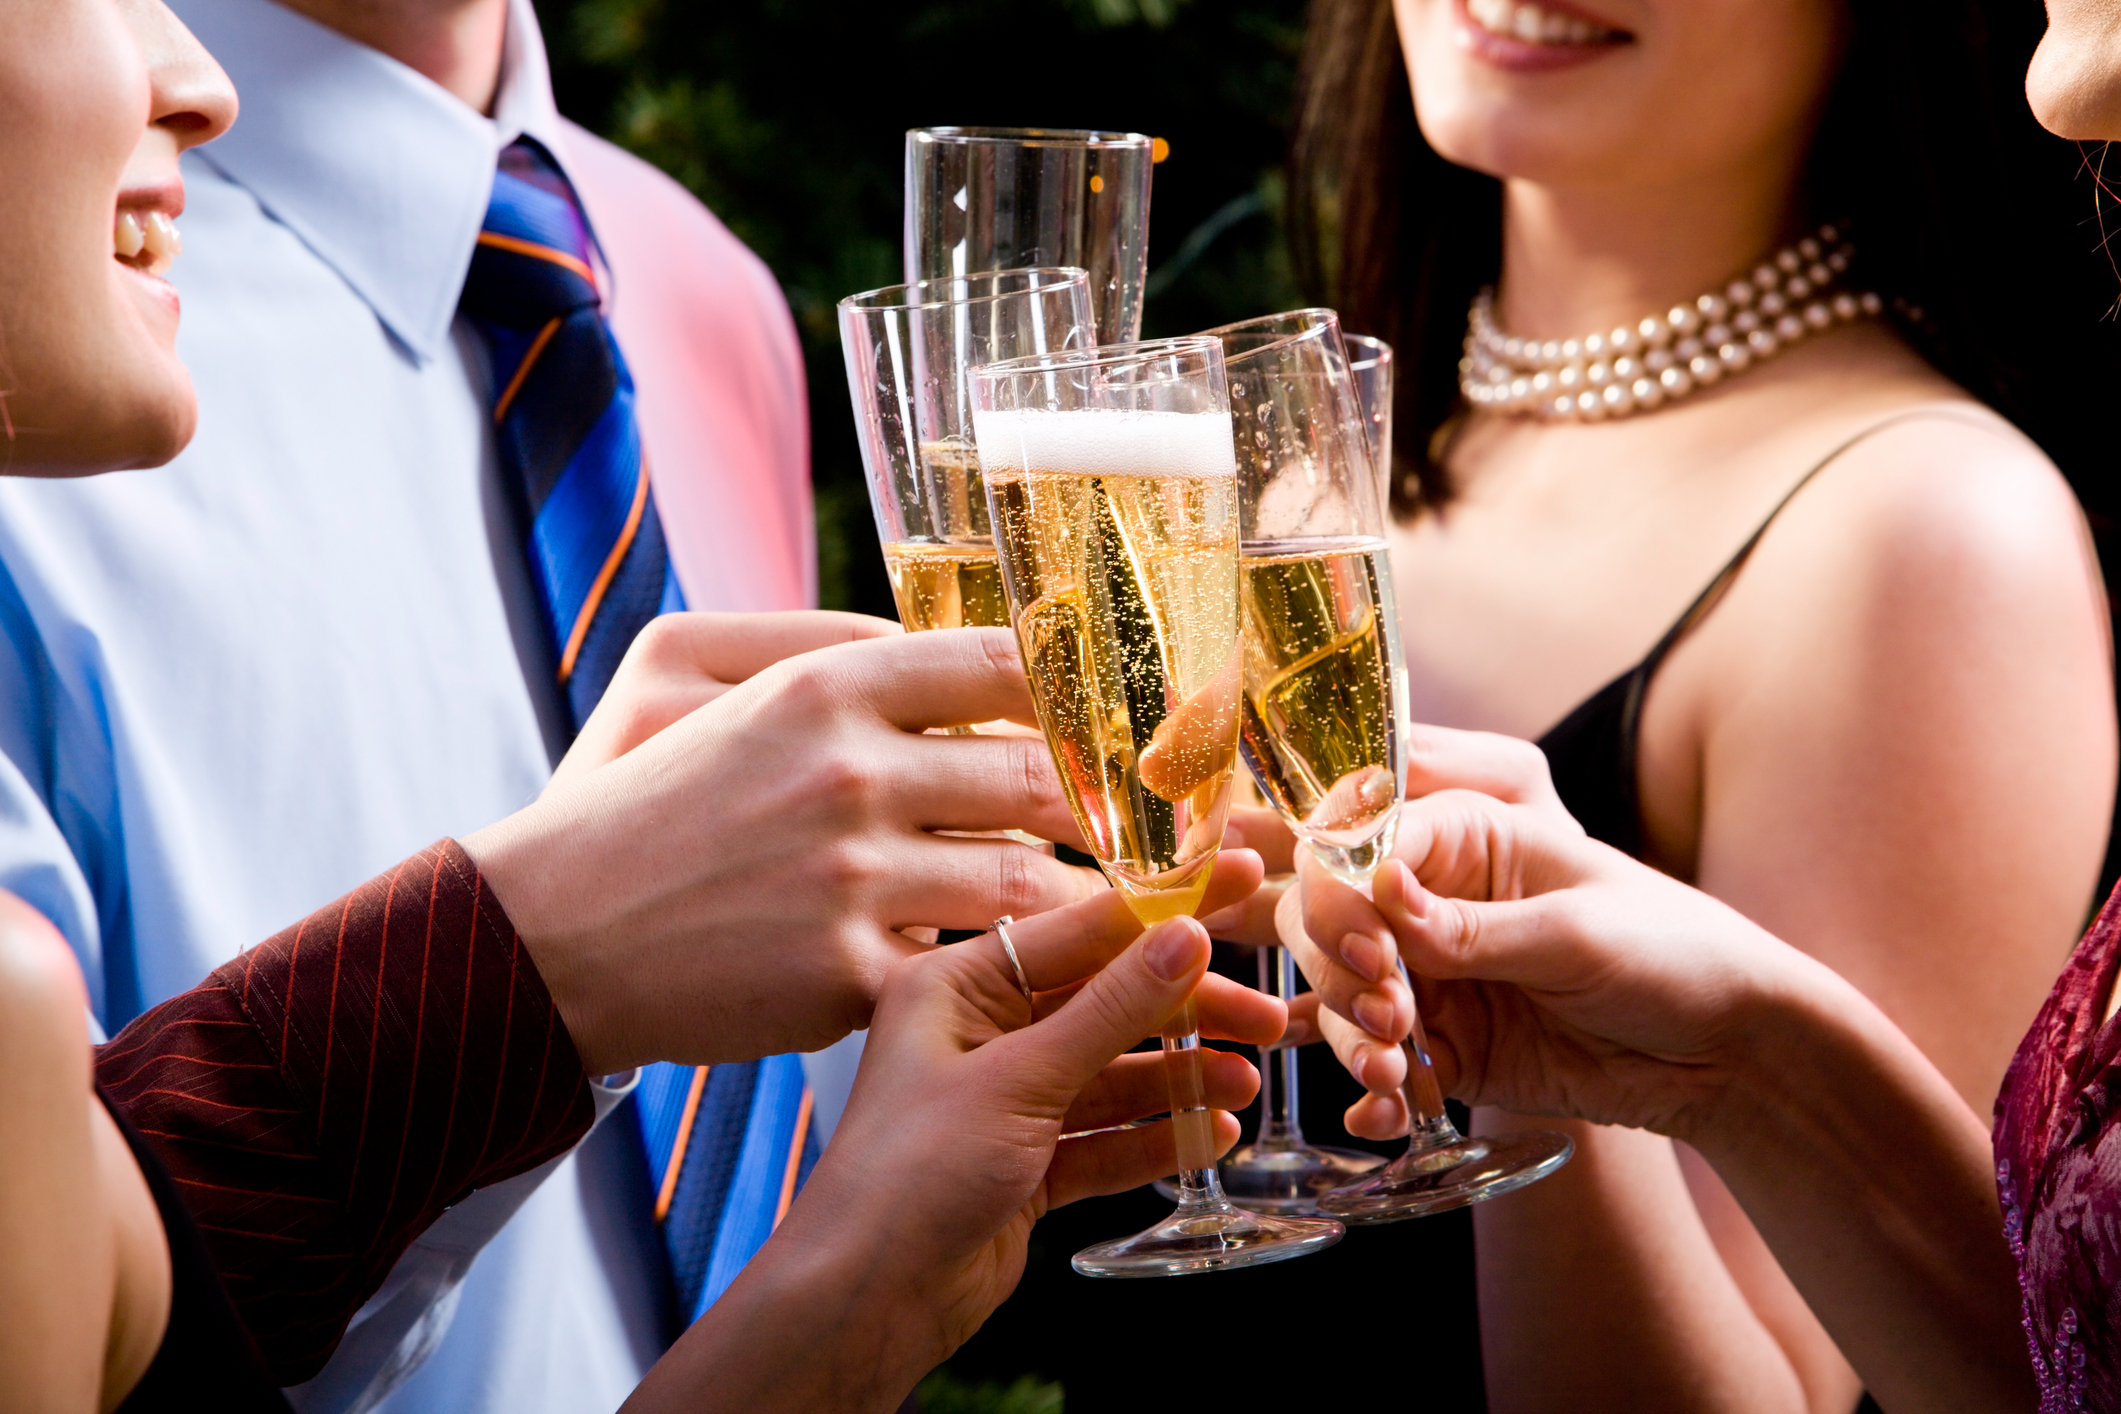 чем можно закусить шампанское после загса